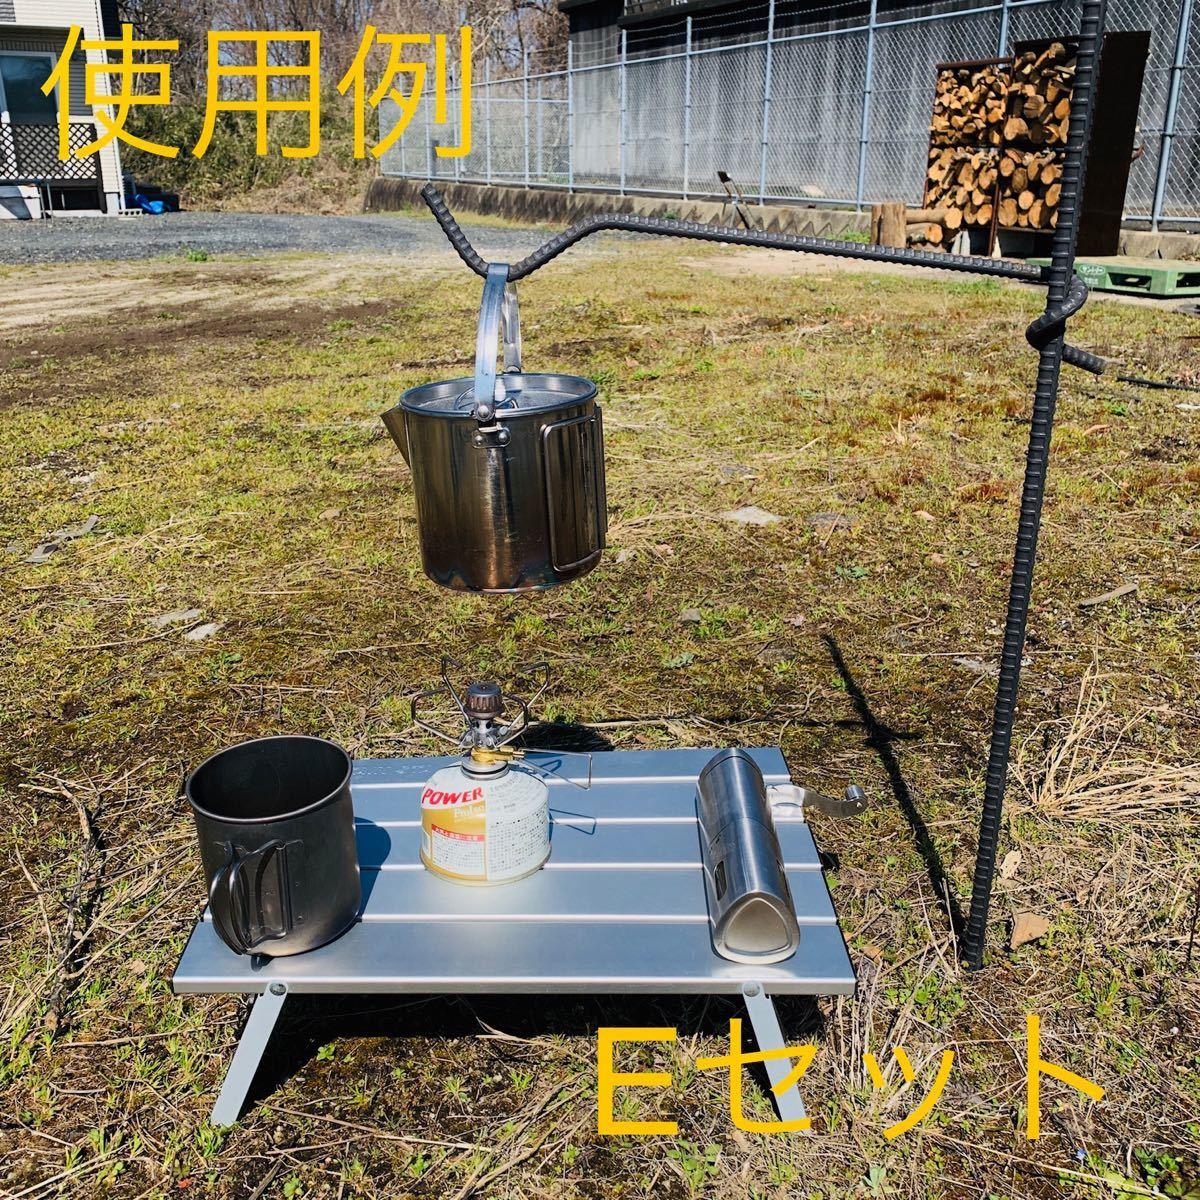 焚き火ハンガー Eセット ソロキャンプ用